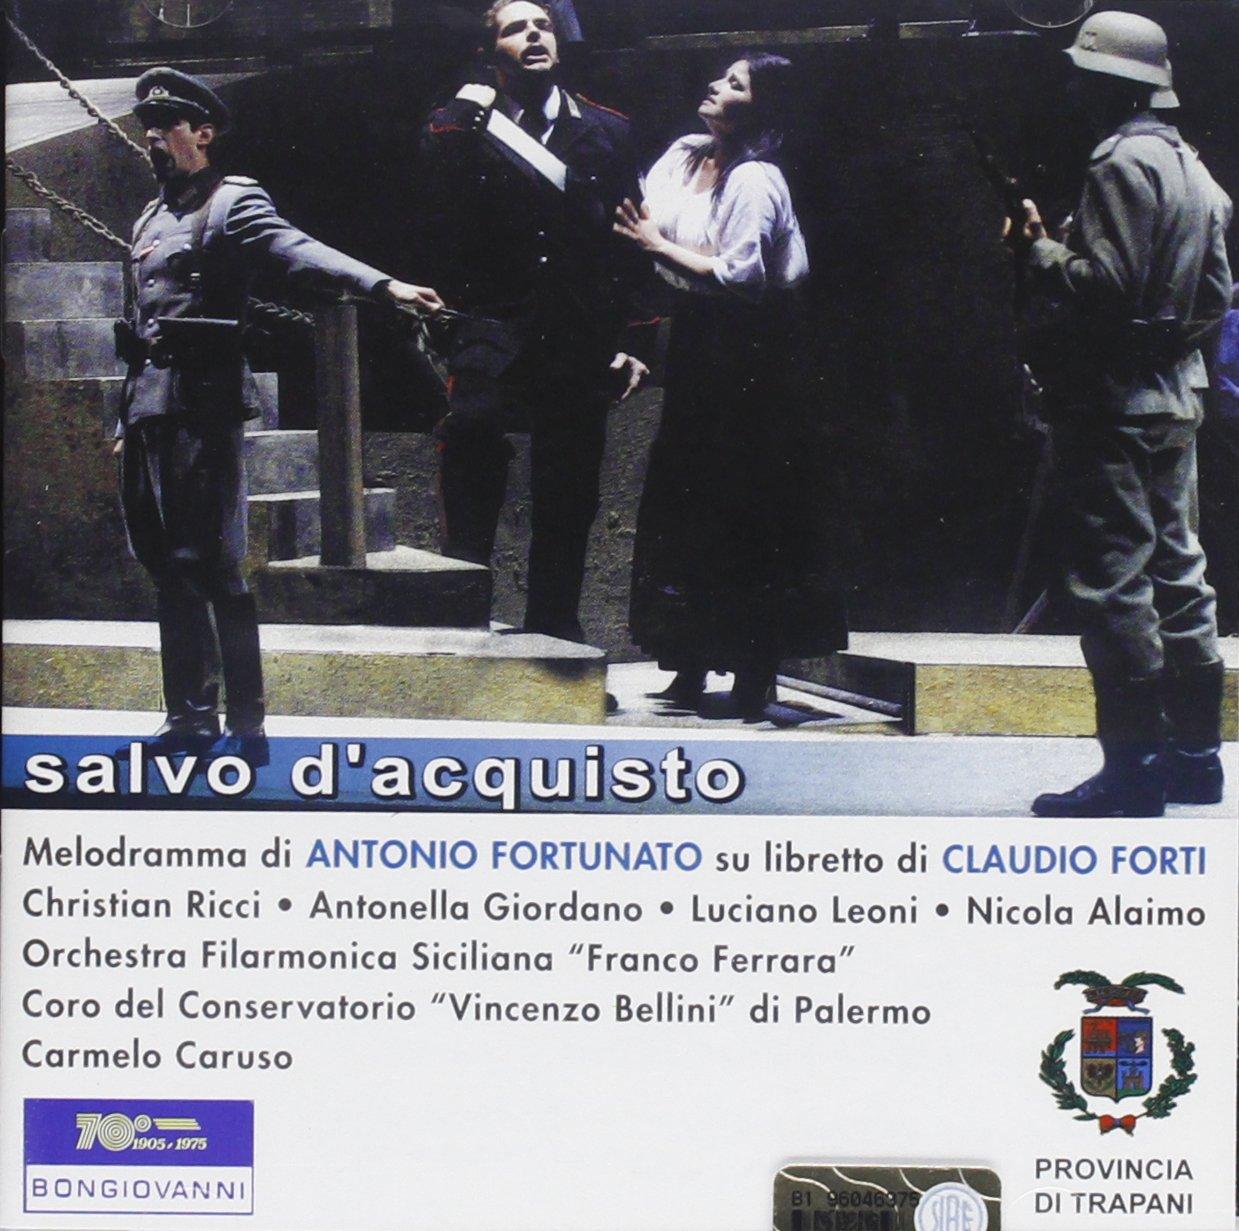 Fortunato - Ricci, Giordano, Leoni, Alaimo, Carmelo Caruso Salvo D'Acquisto Vinyl